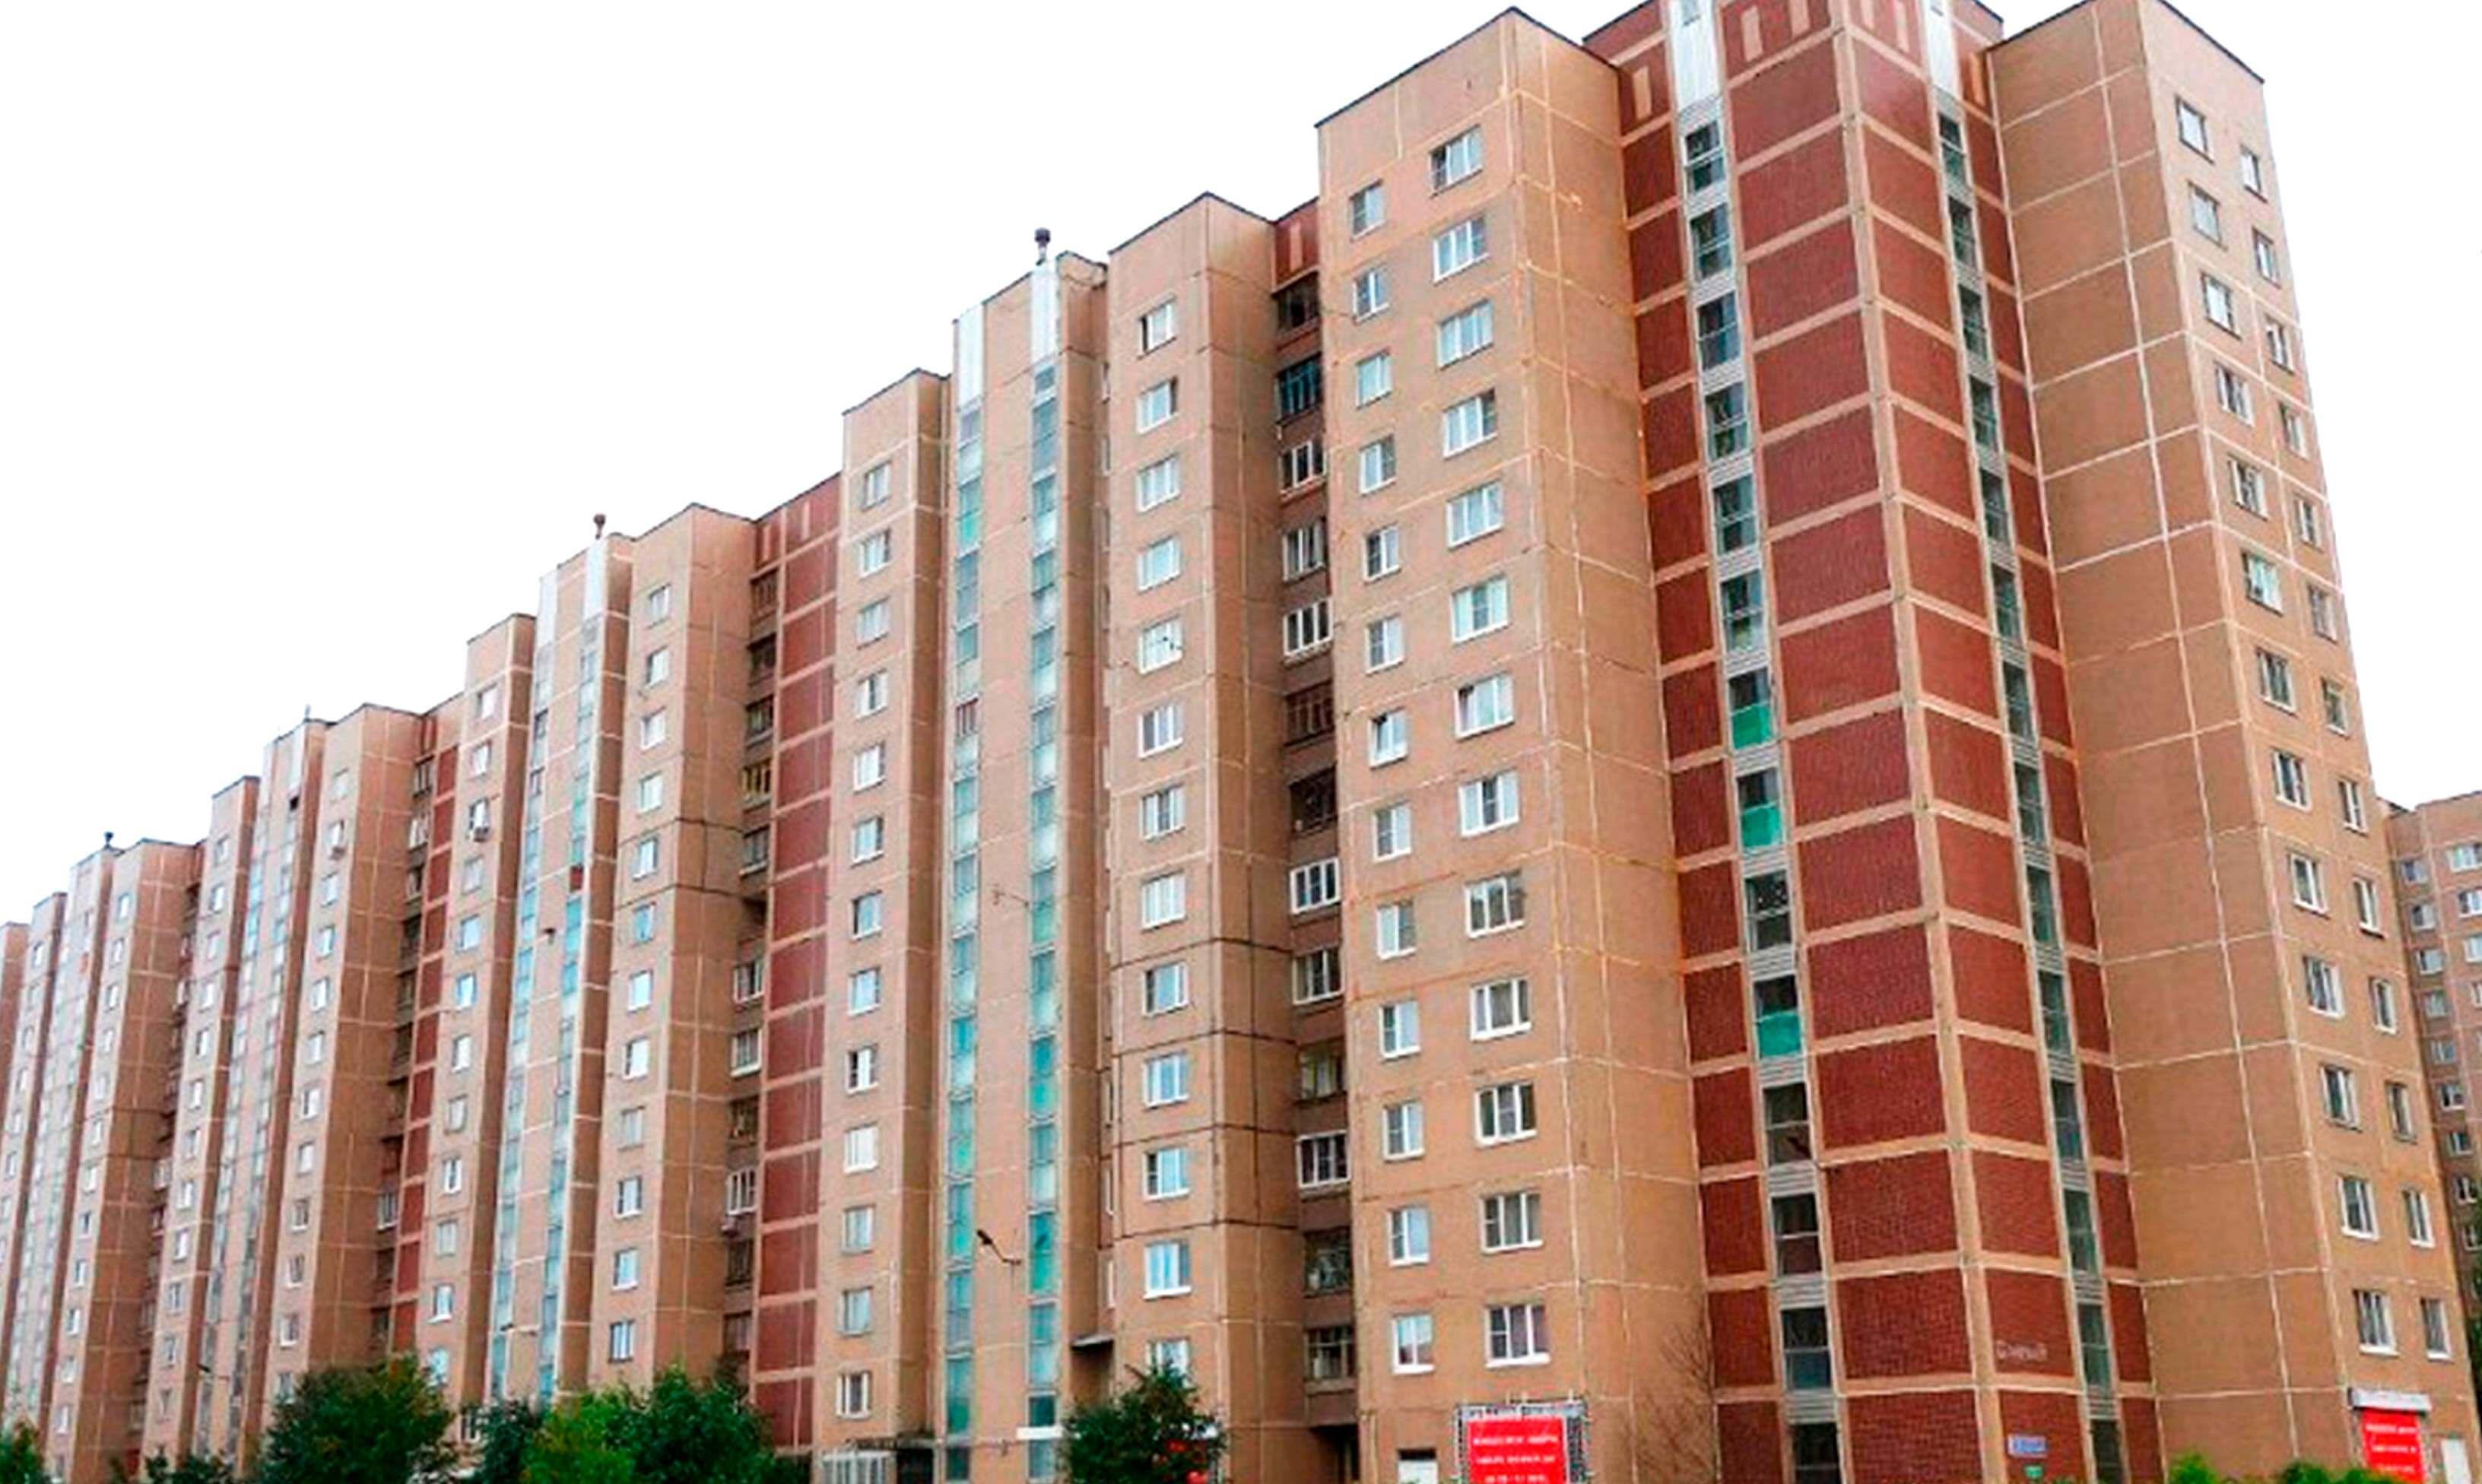 Красный панельный дом серии П-55 с окнами ПВХ от Рехау. остекление теплое или холодное на выбор. Фото